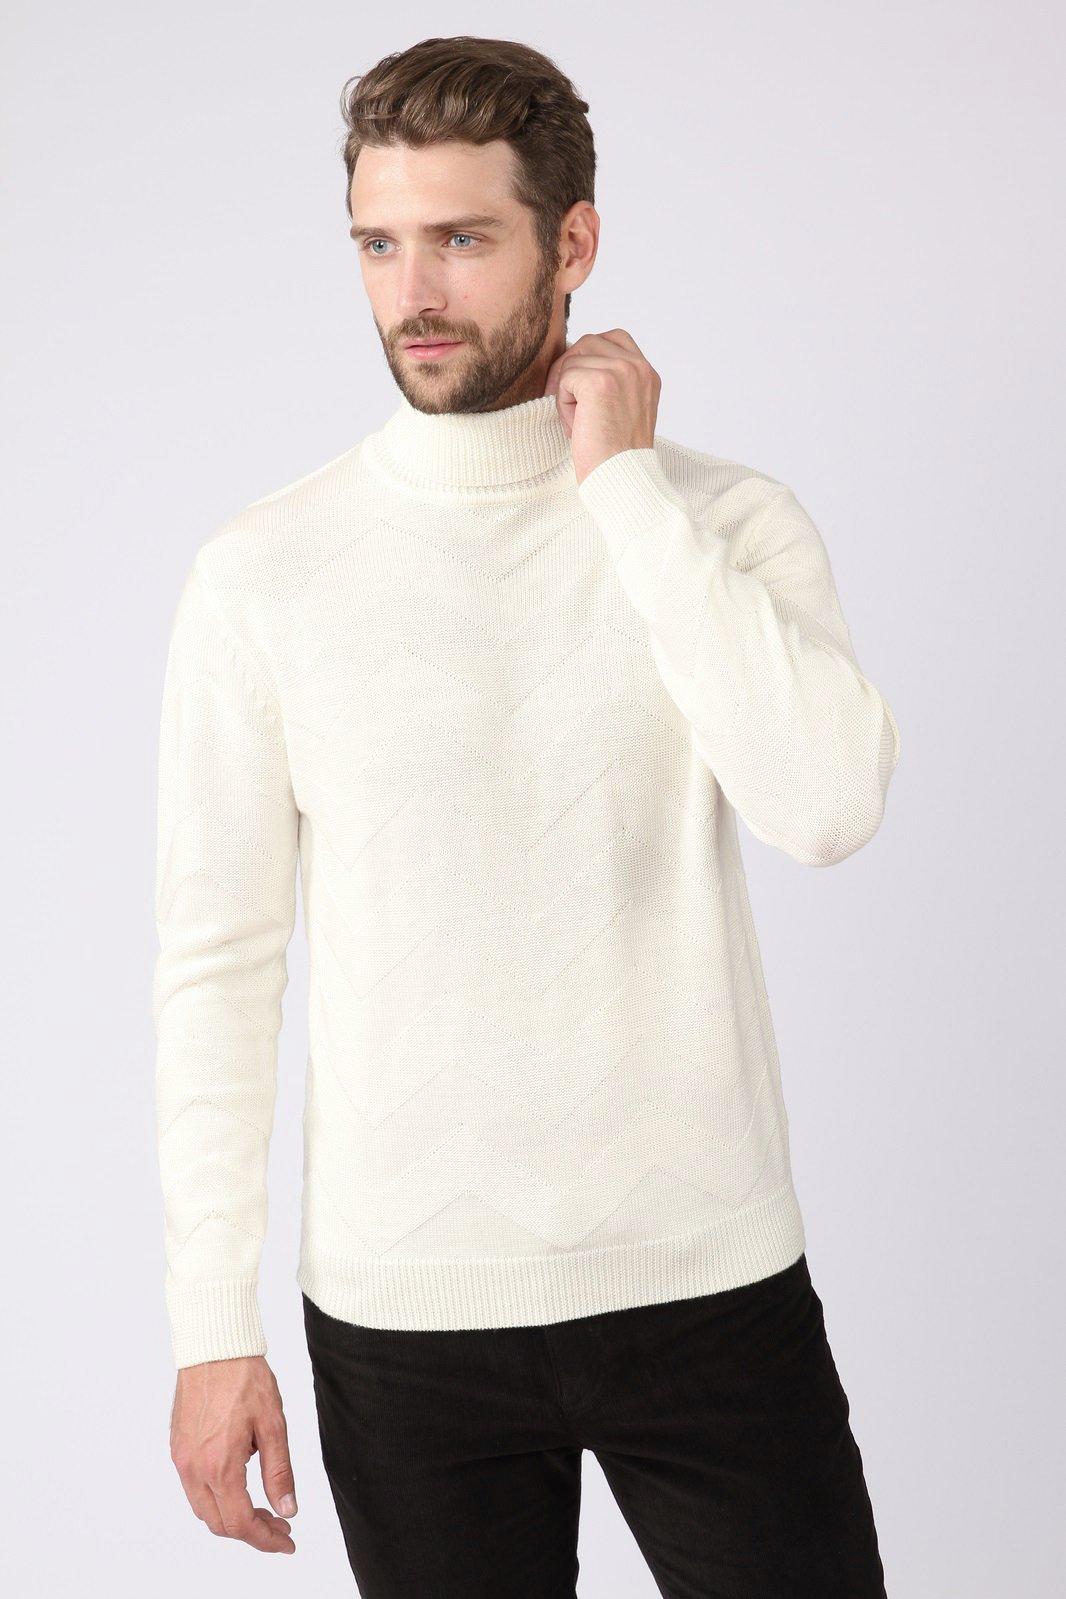 парень в белом пуловере фото может